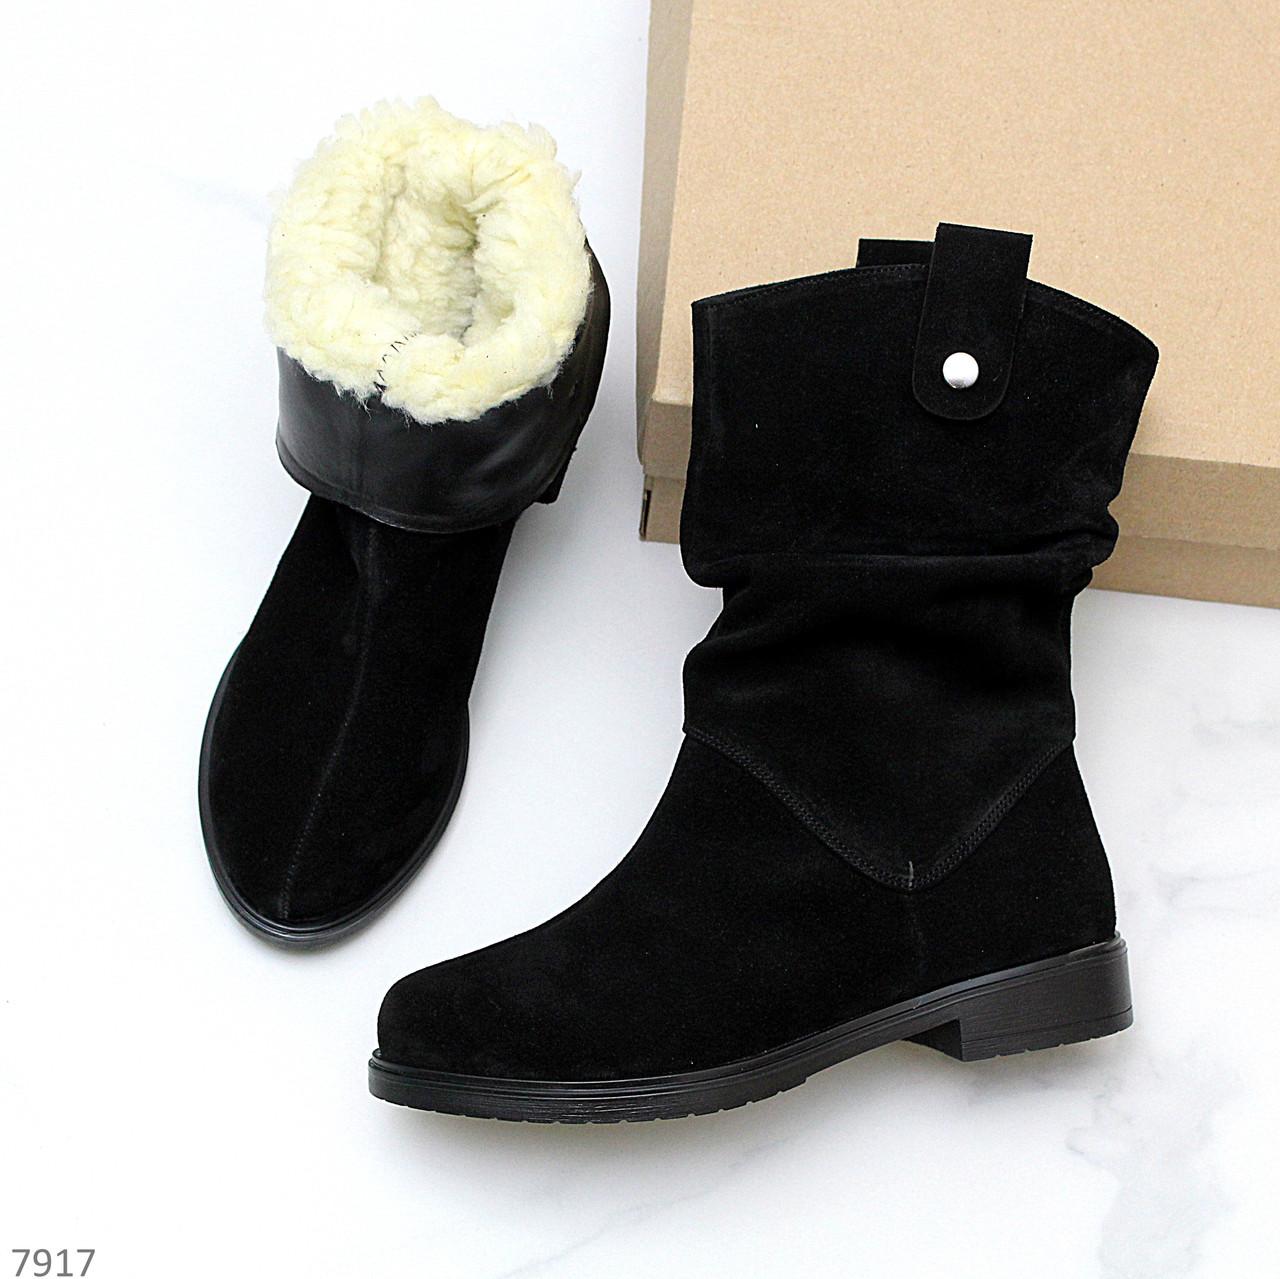 Удобные черные замшевые женские зимние сапоги низкий ход натуральная замша